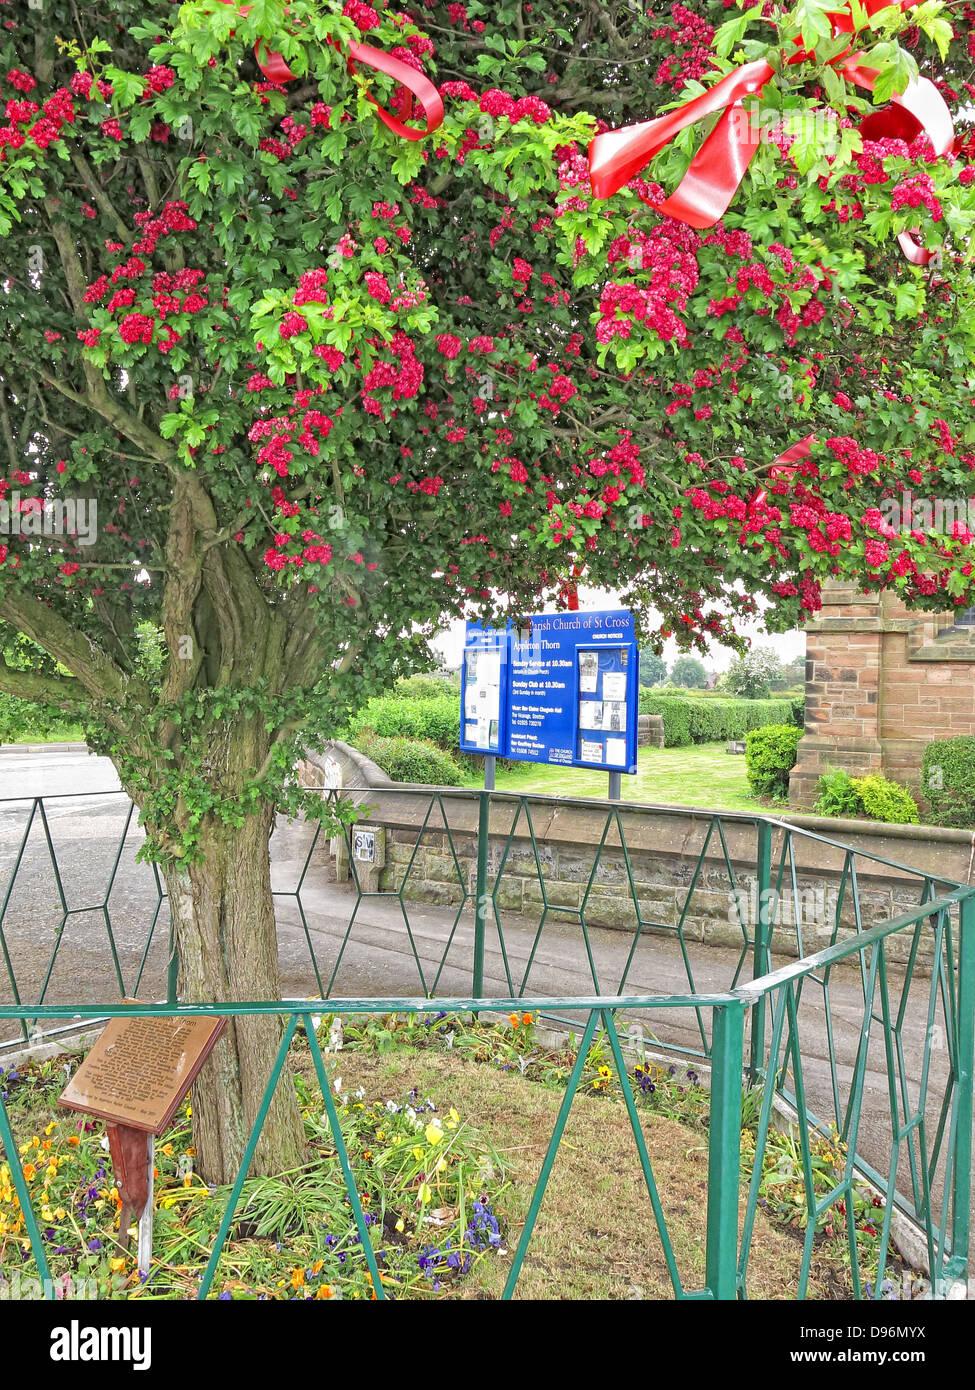 Laden Sie dieses Alamy Stockfoto Die berühmten Dornenbaum Appleton Thorn Village, gekleidet in Warrington, England für die jährliche Juni Bawming der Dorn - D96MYX